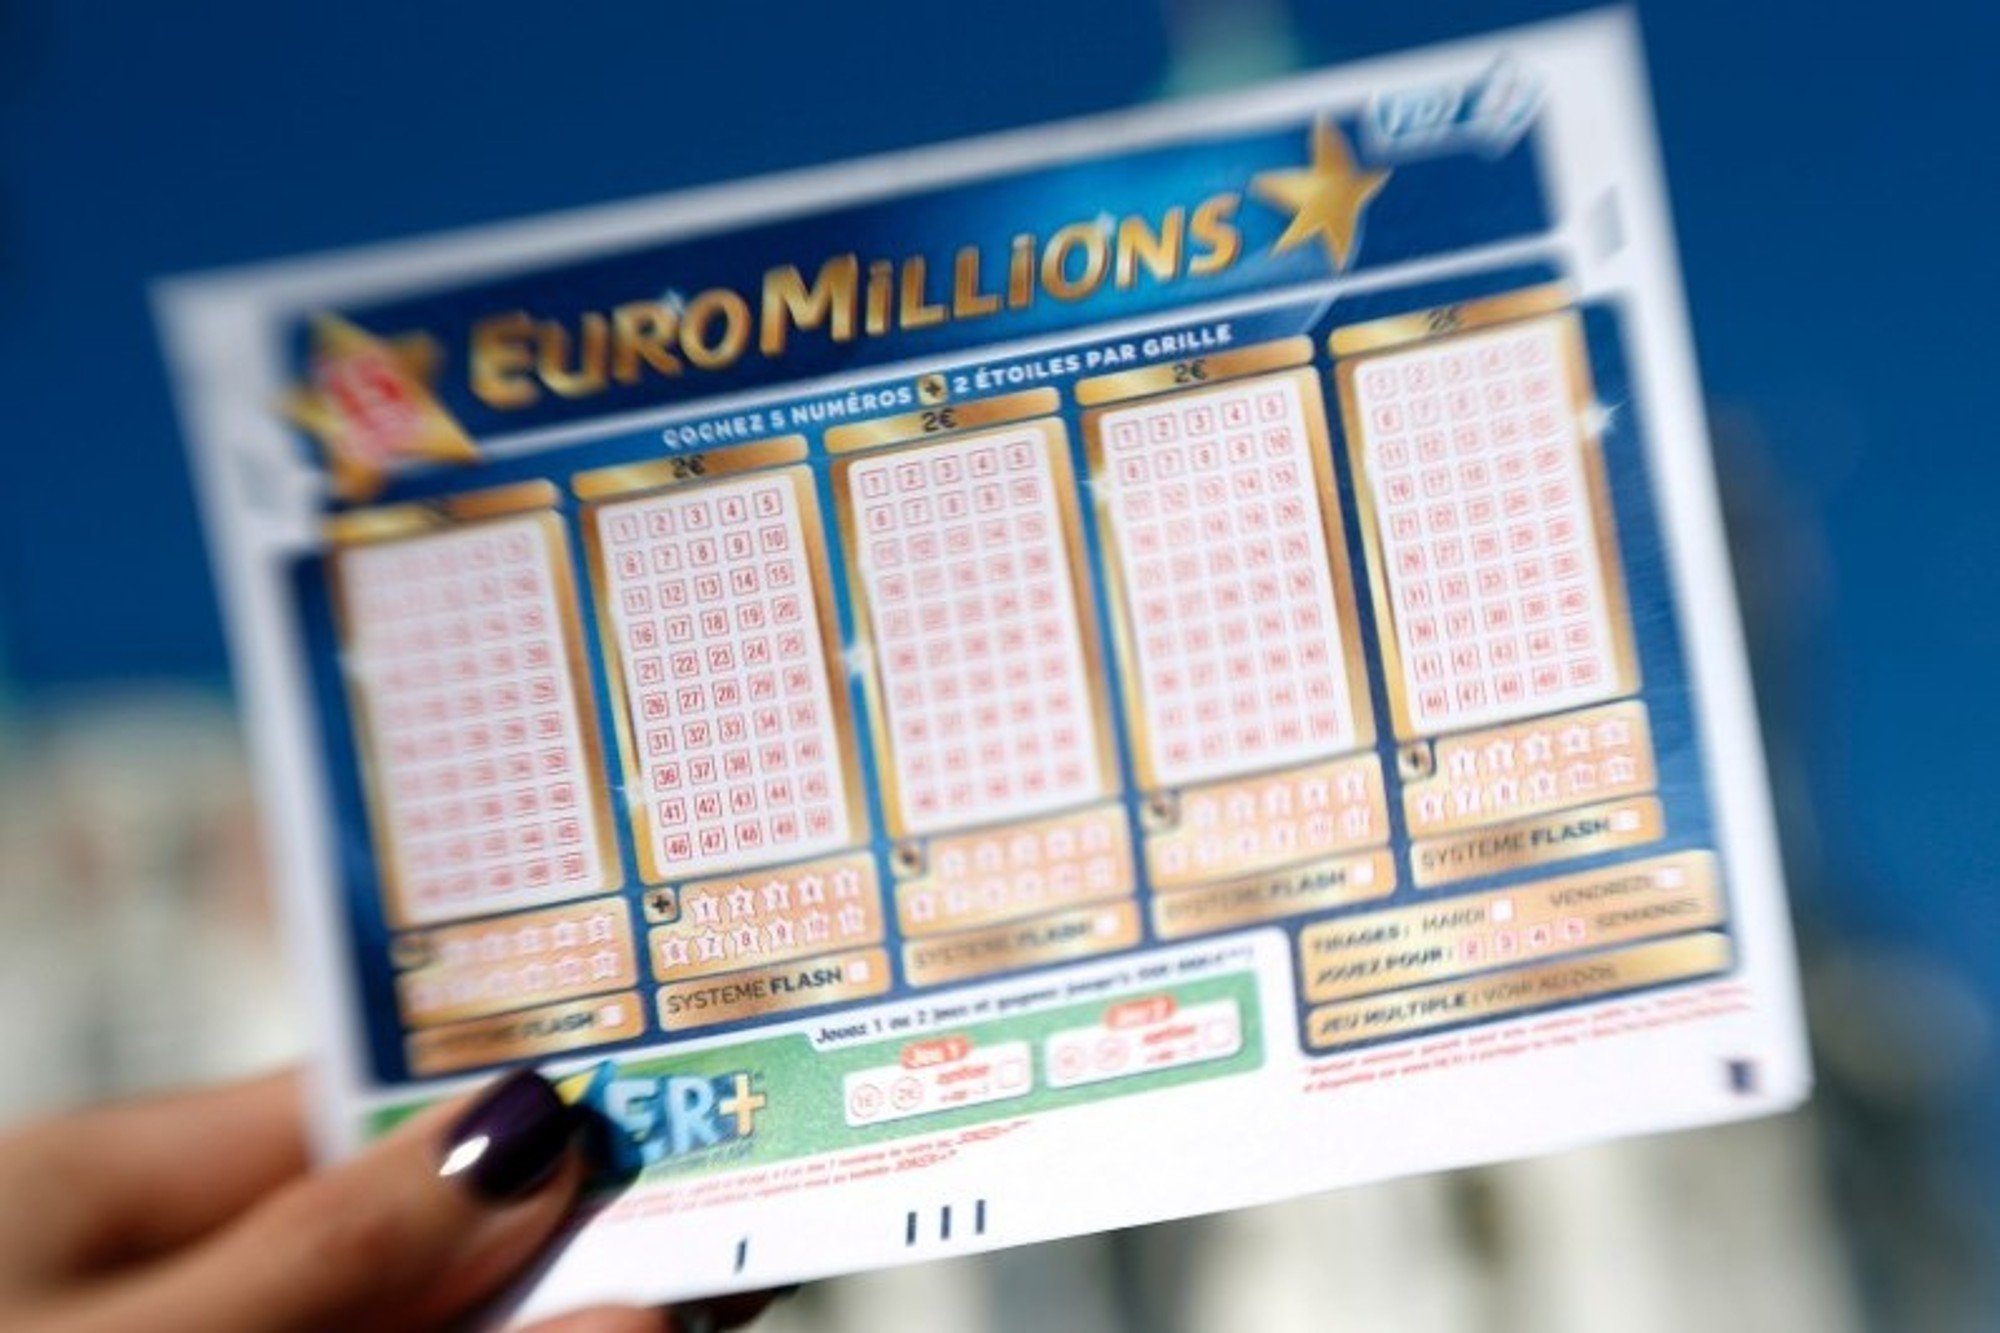 Résultat euromillions : tirage du 23 juillet 2019